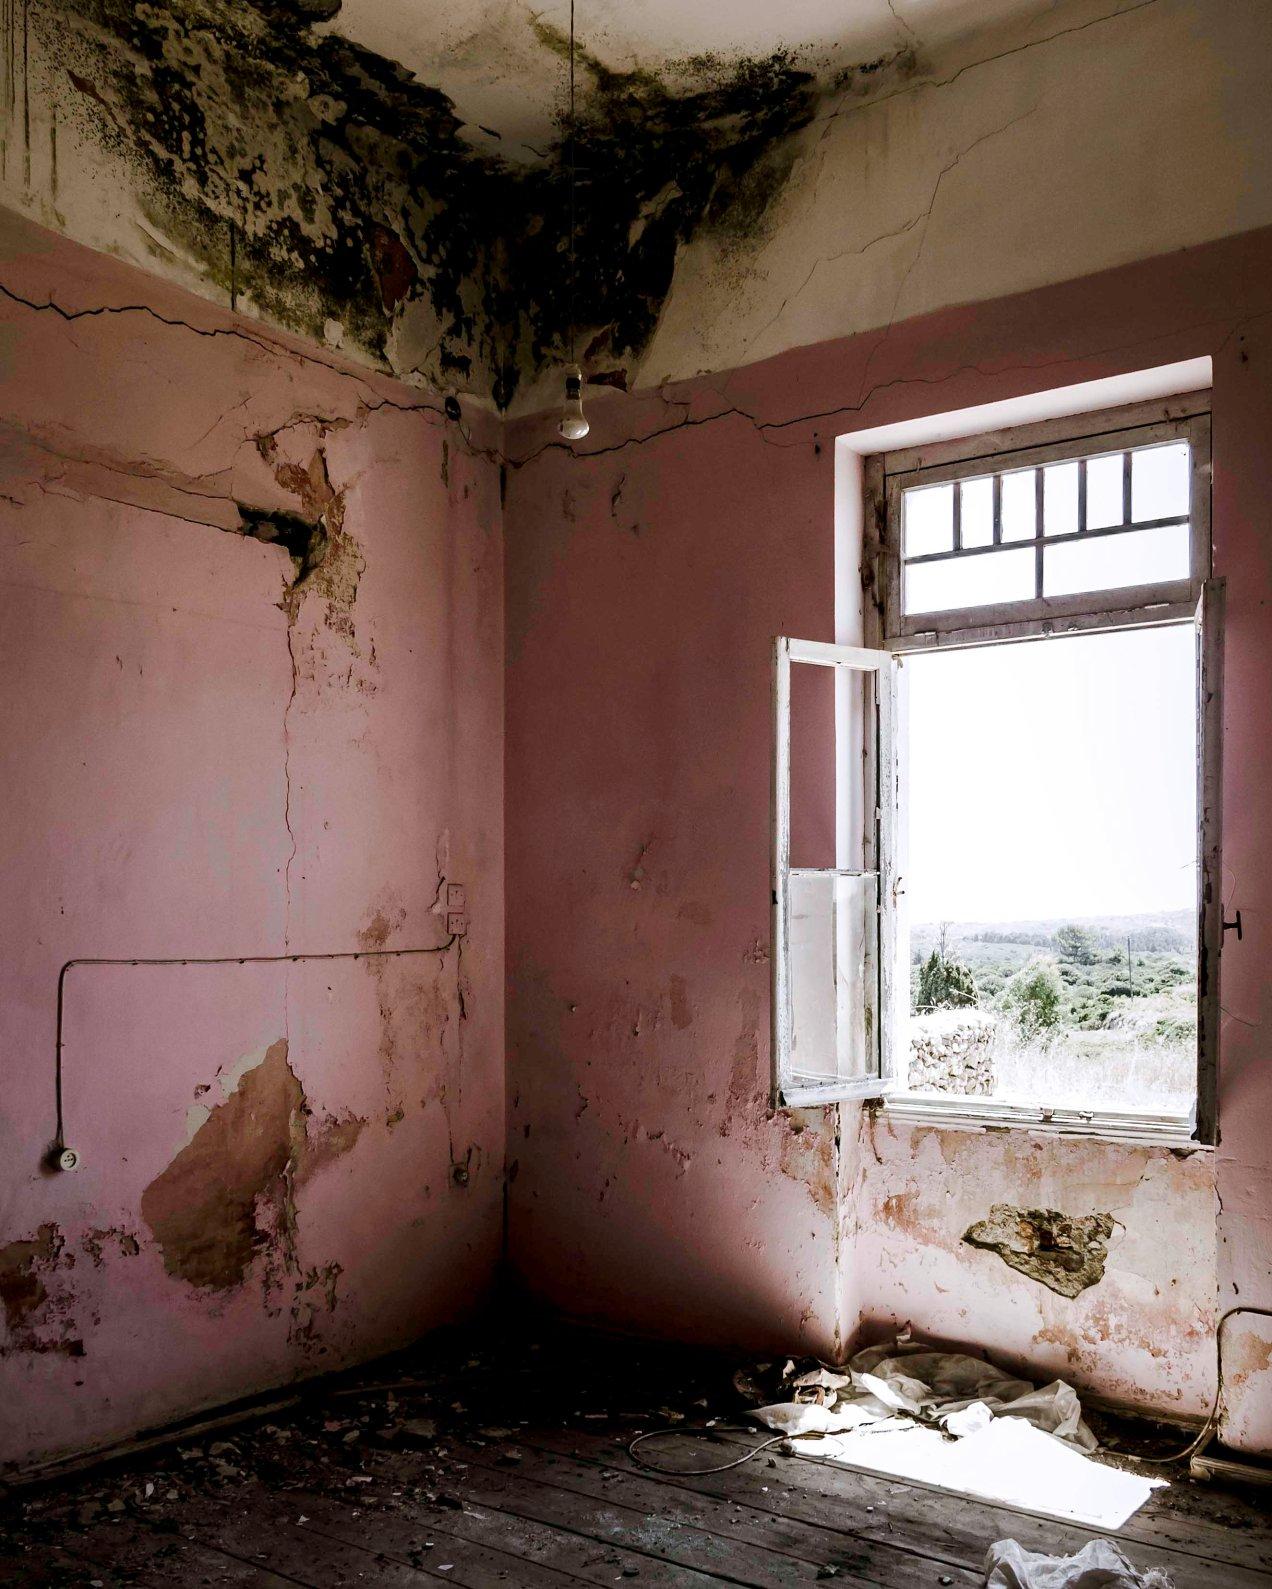 La chambre rose, Kithera, gildalliere, 2015Modifier